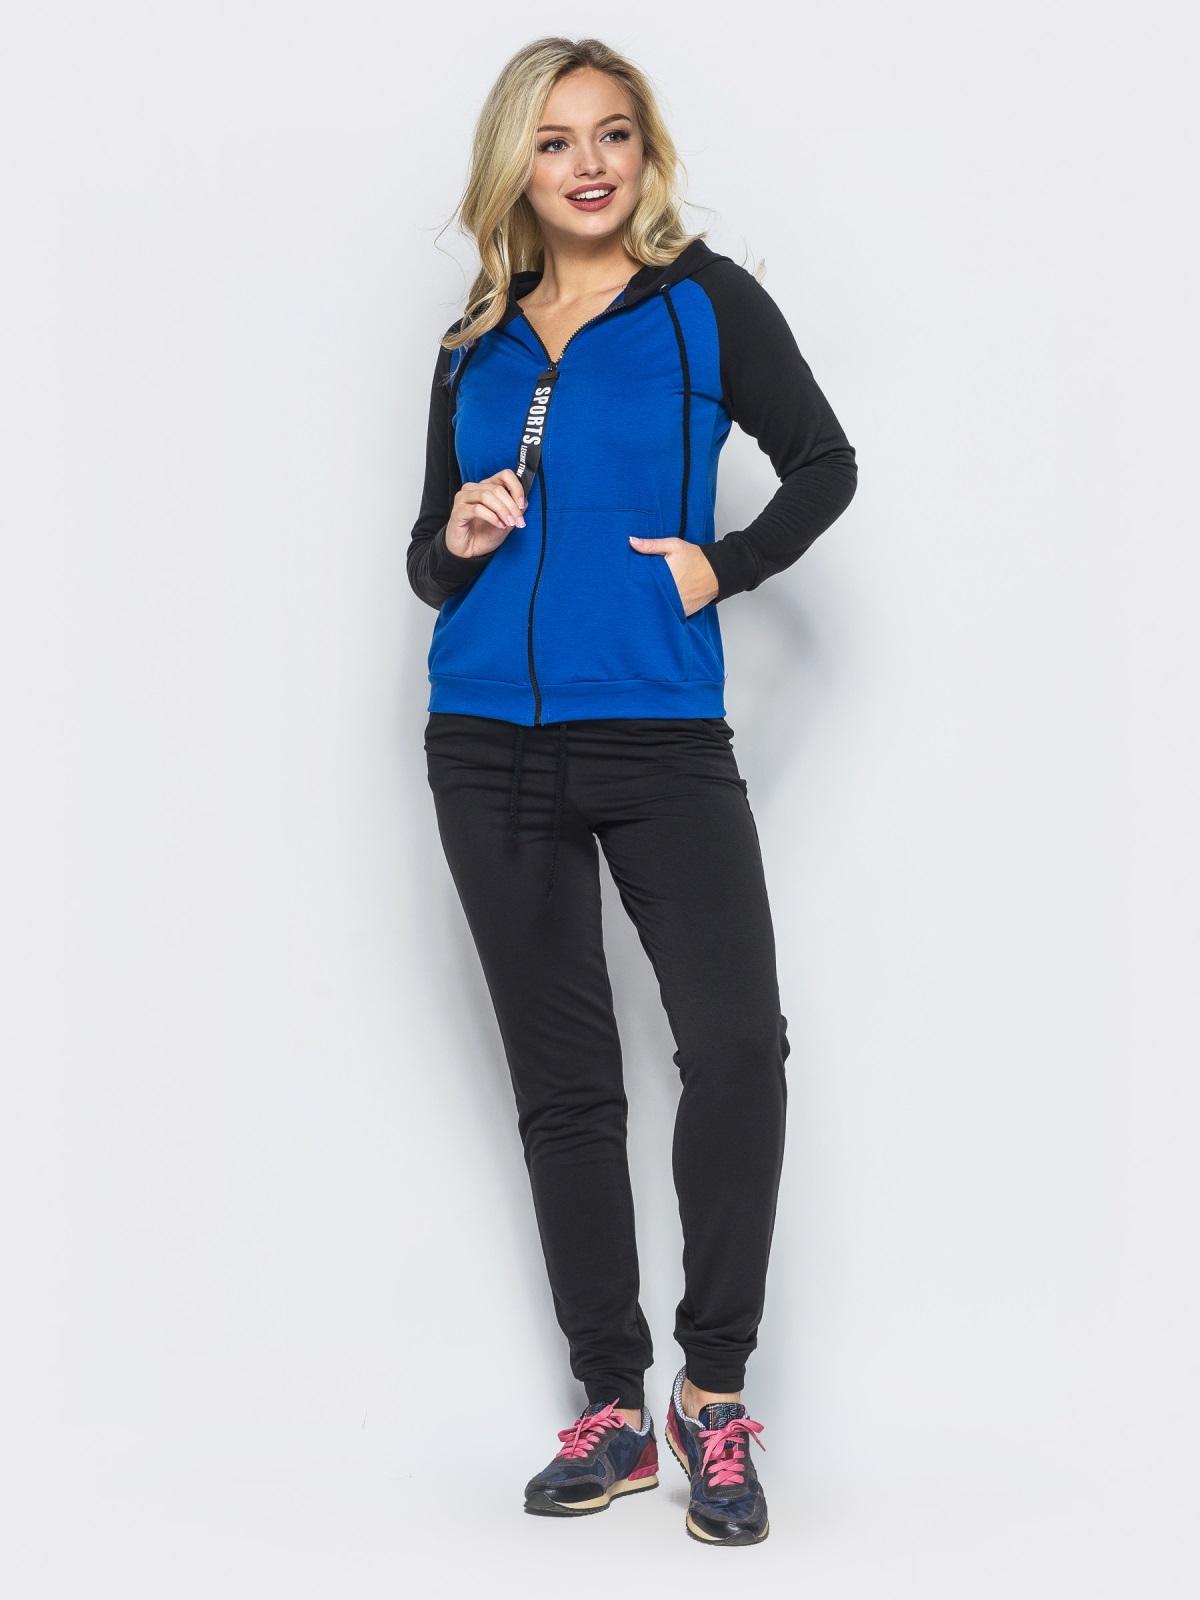 Спортивный костюм с синей кофтой на молнии - 16526, фото 1 – интернет-магазин Dressa